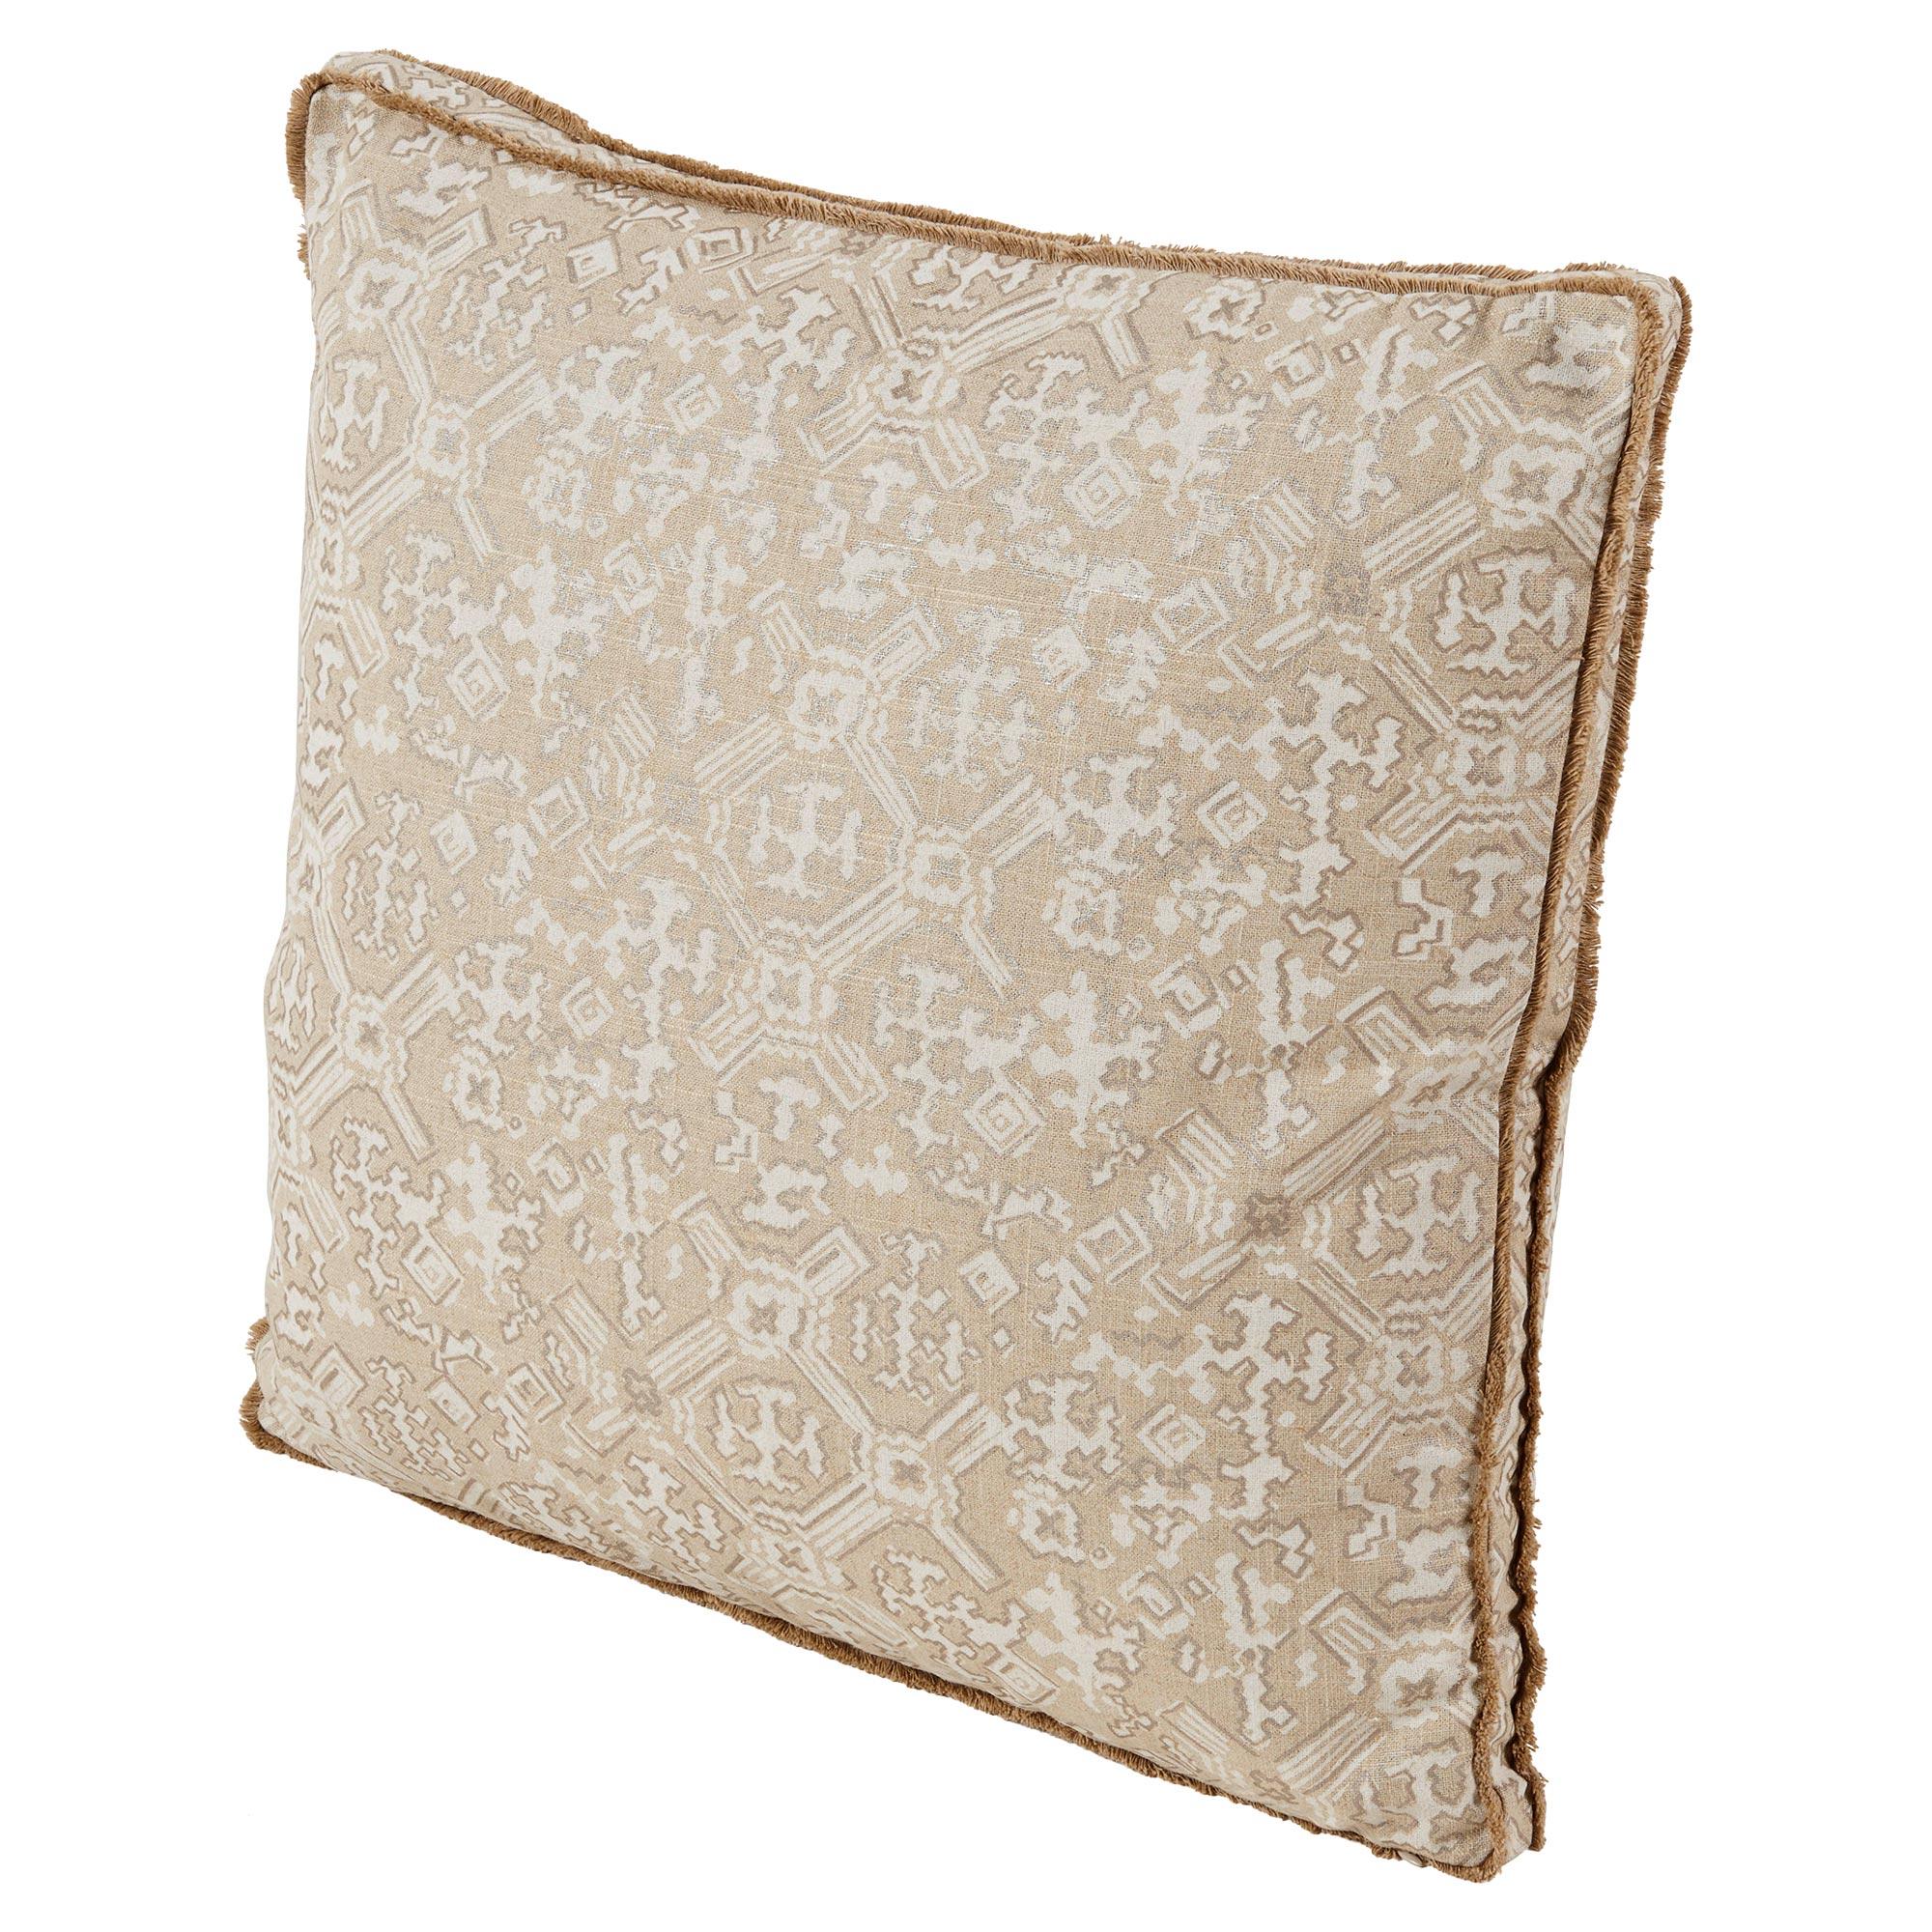 Noma Bazaar Ivory Beige Tribal Print Eyelash Pillow - 22x22